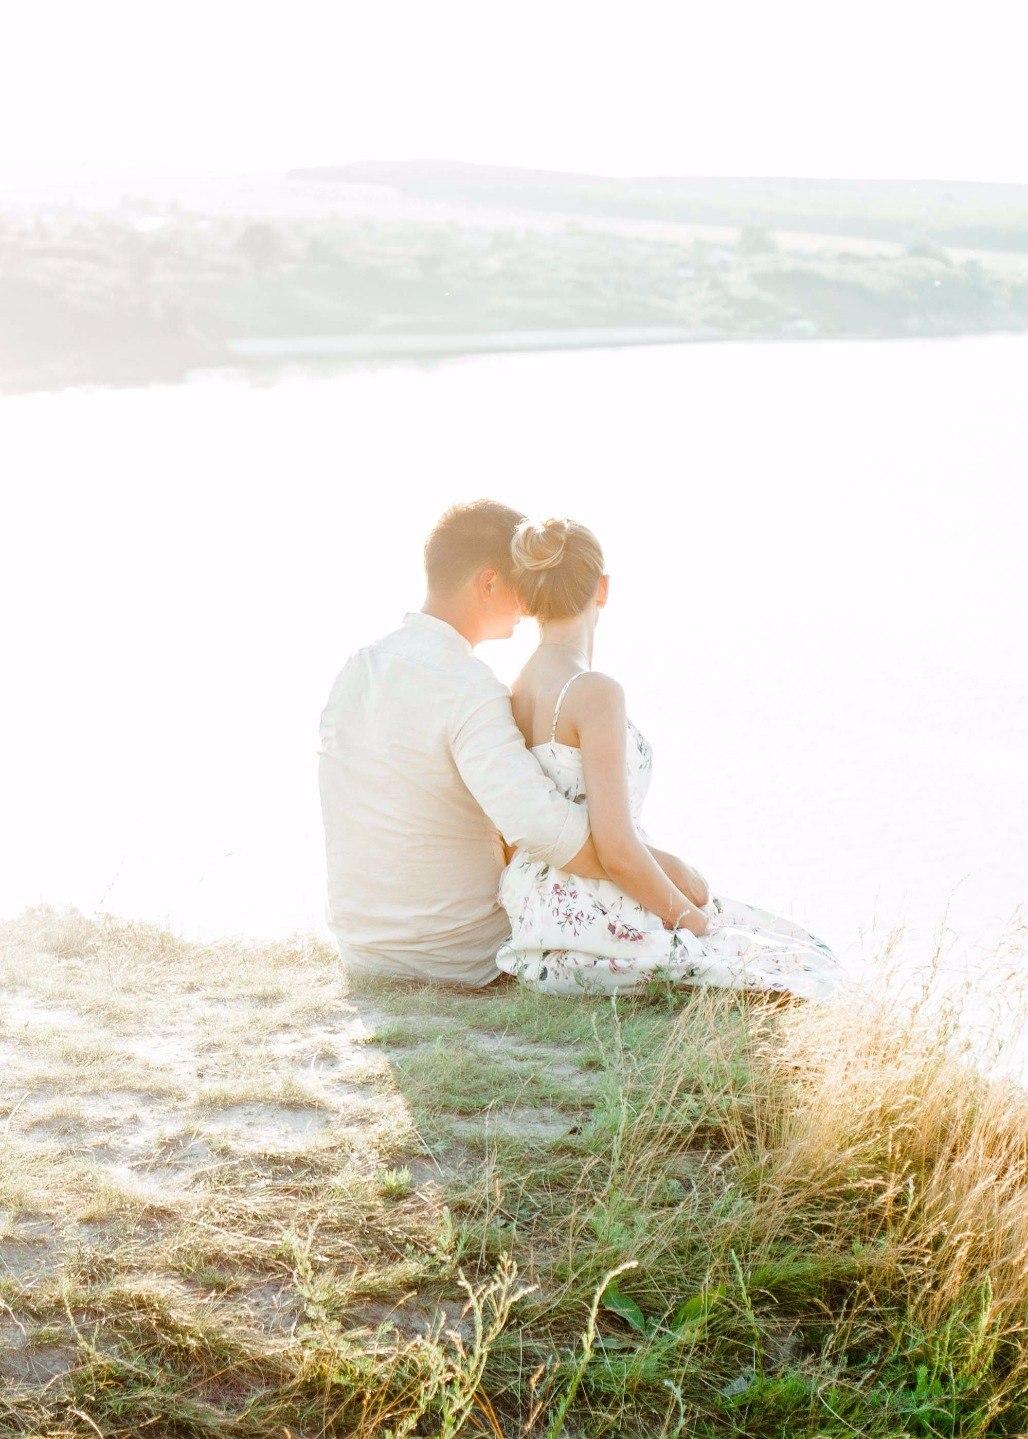 Волжские закаты: love-story на берегу реки